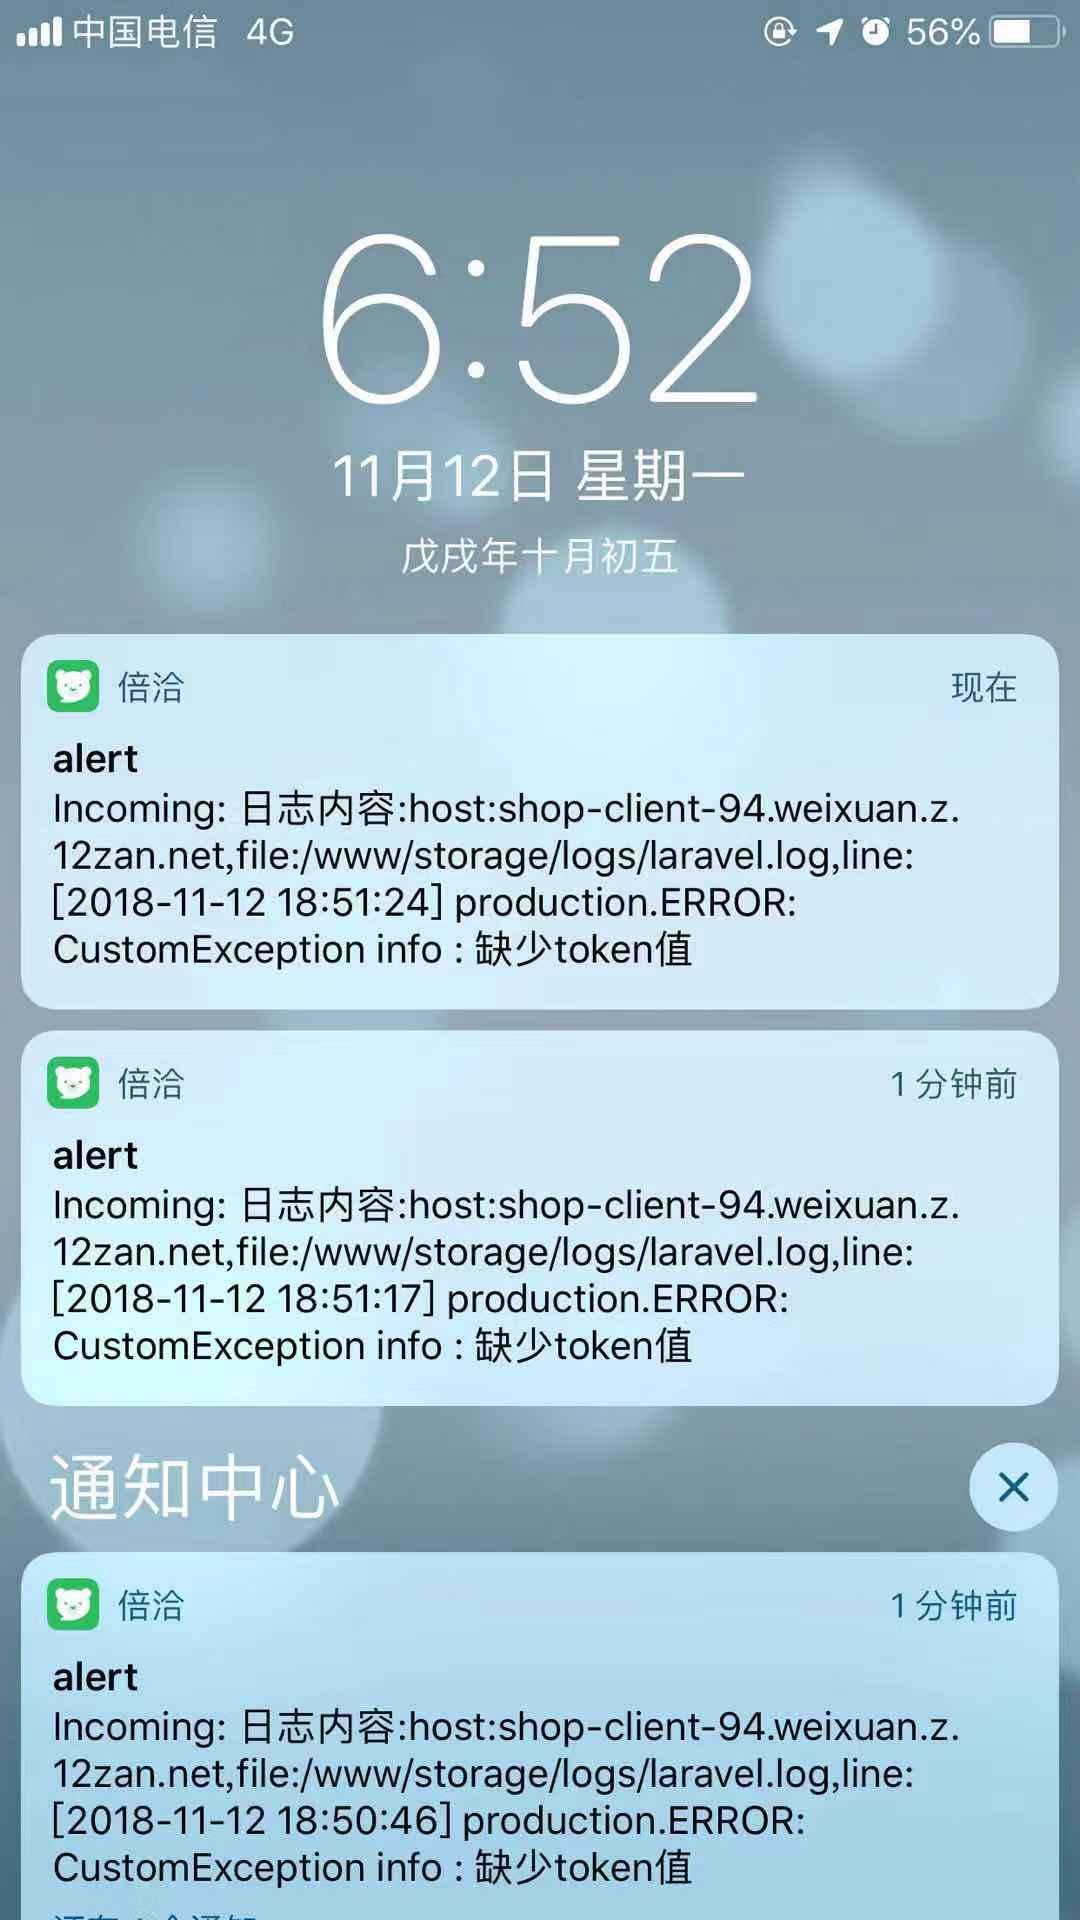 https://ylpicture.oss-cn-beijing.aliyuncs.com/201811/82177300.jpeg